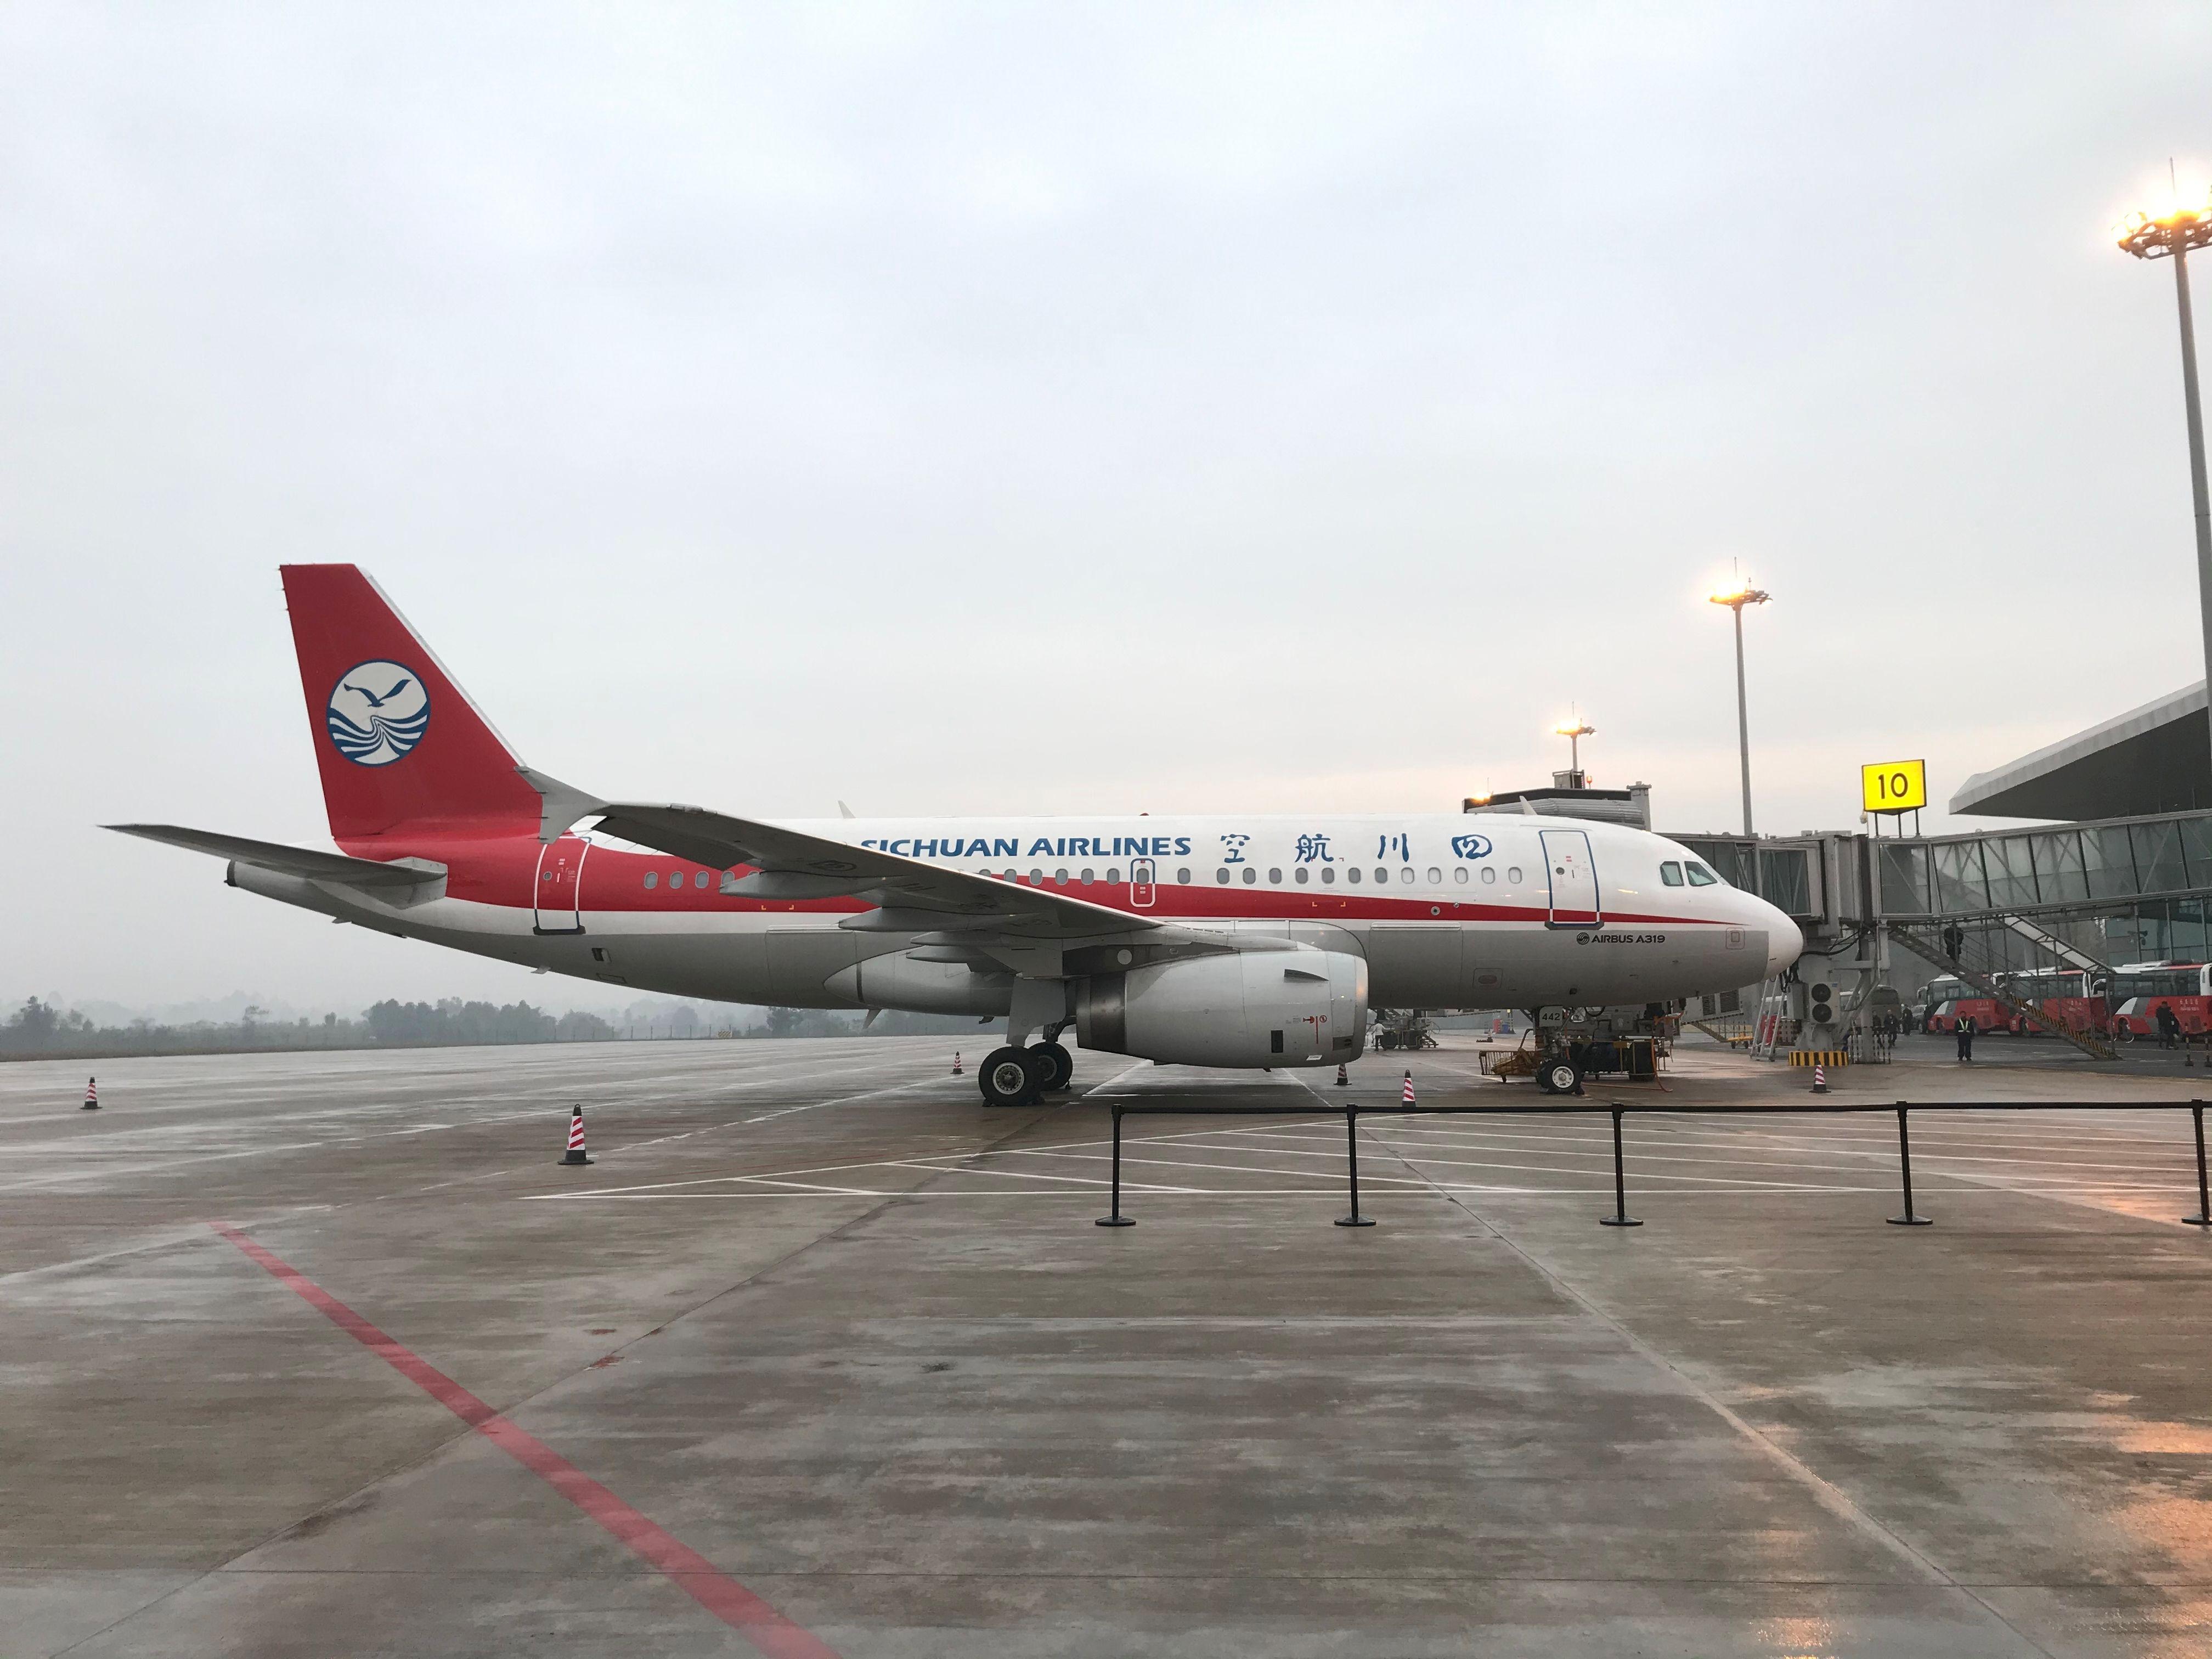 12月5日 川航执飞宜宾五粮液机场首个通航航班